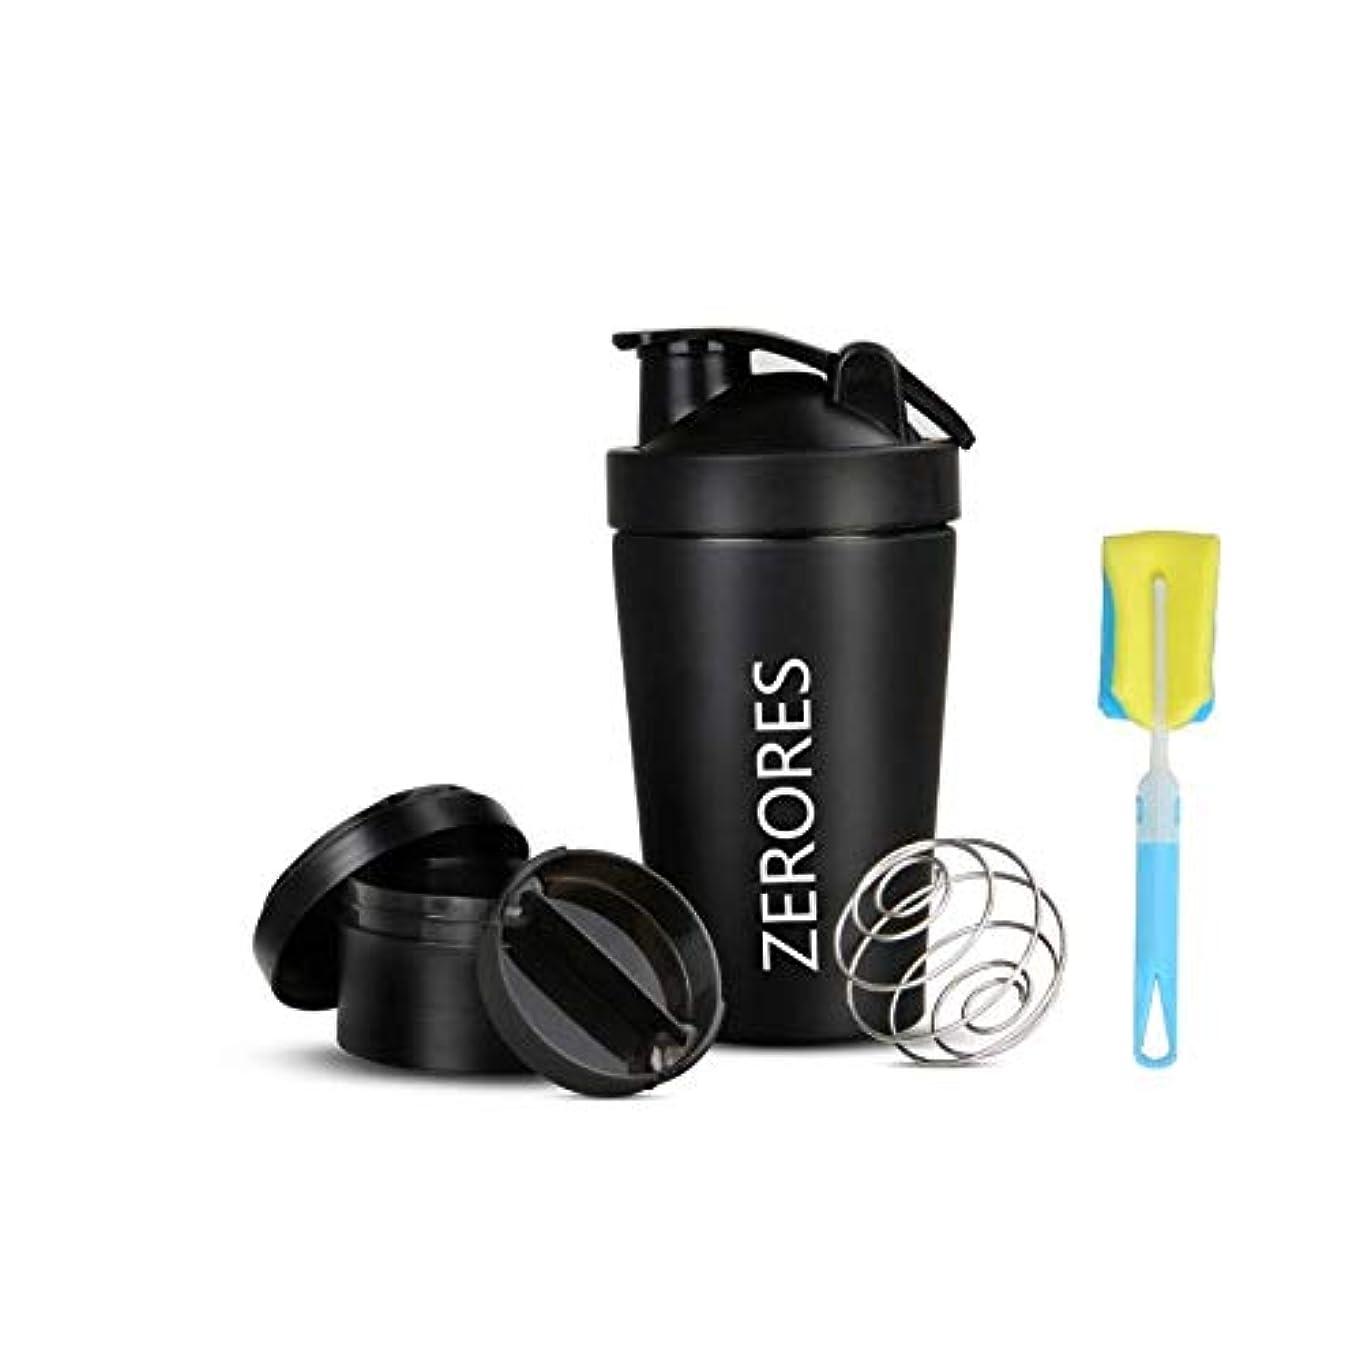 溶ける近似ほうきZERORESステンレススチールスポーツウォーターボトルシェーカーカップ、漏れ防止、BPAフリー(黒い) 600ML